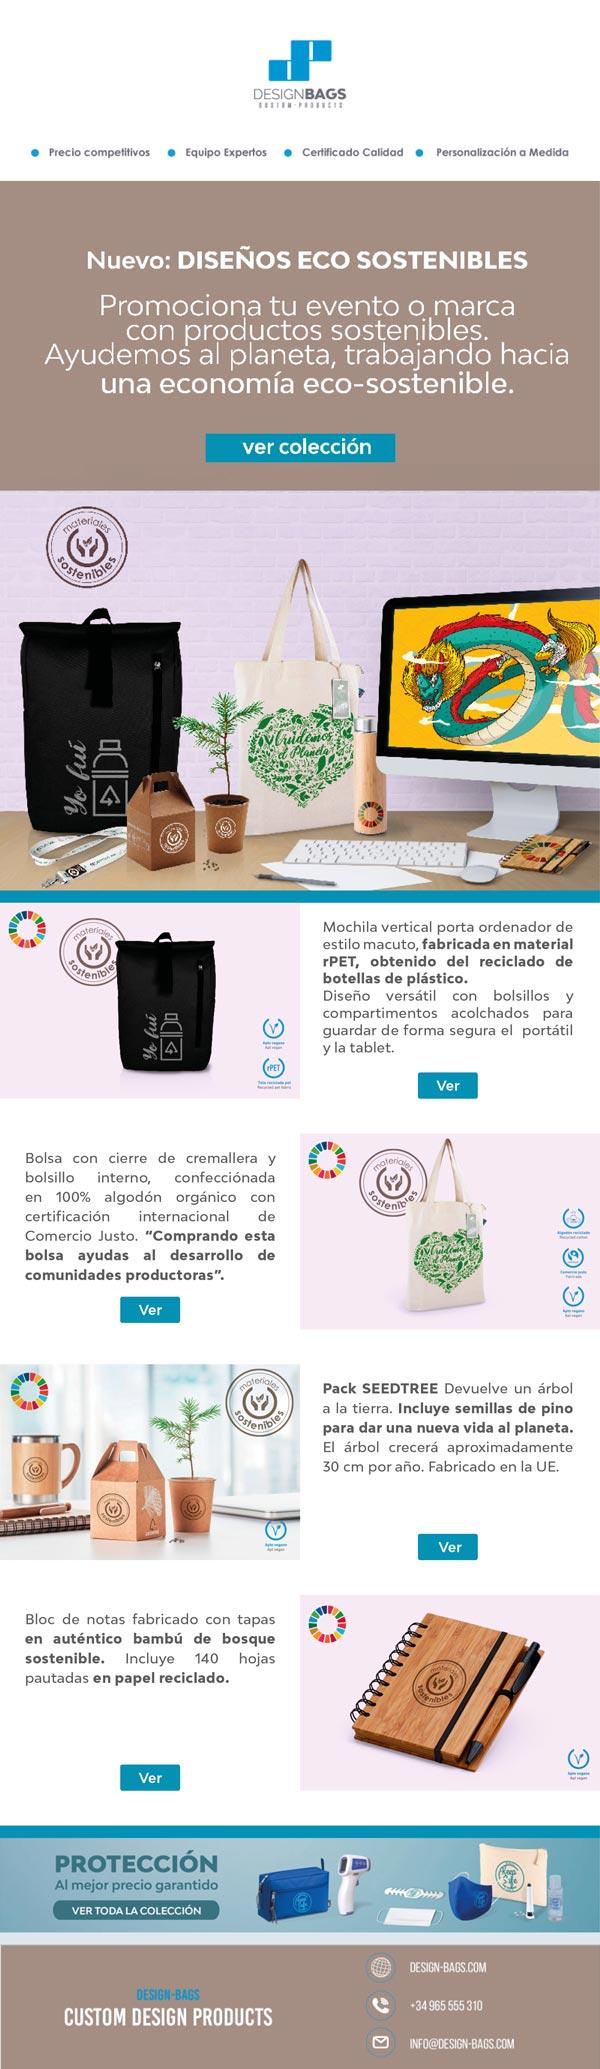 Nuevo boletín de productos sostenibles